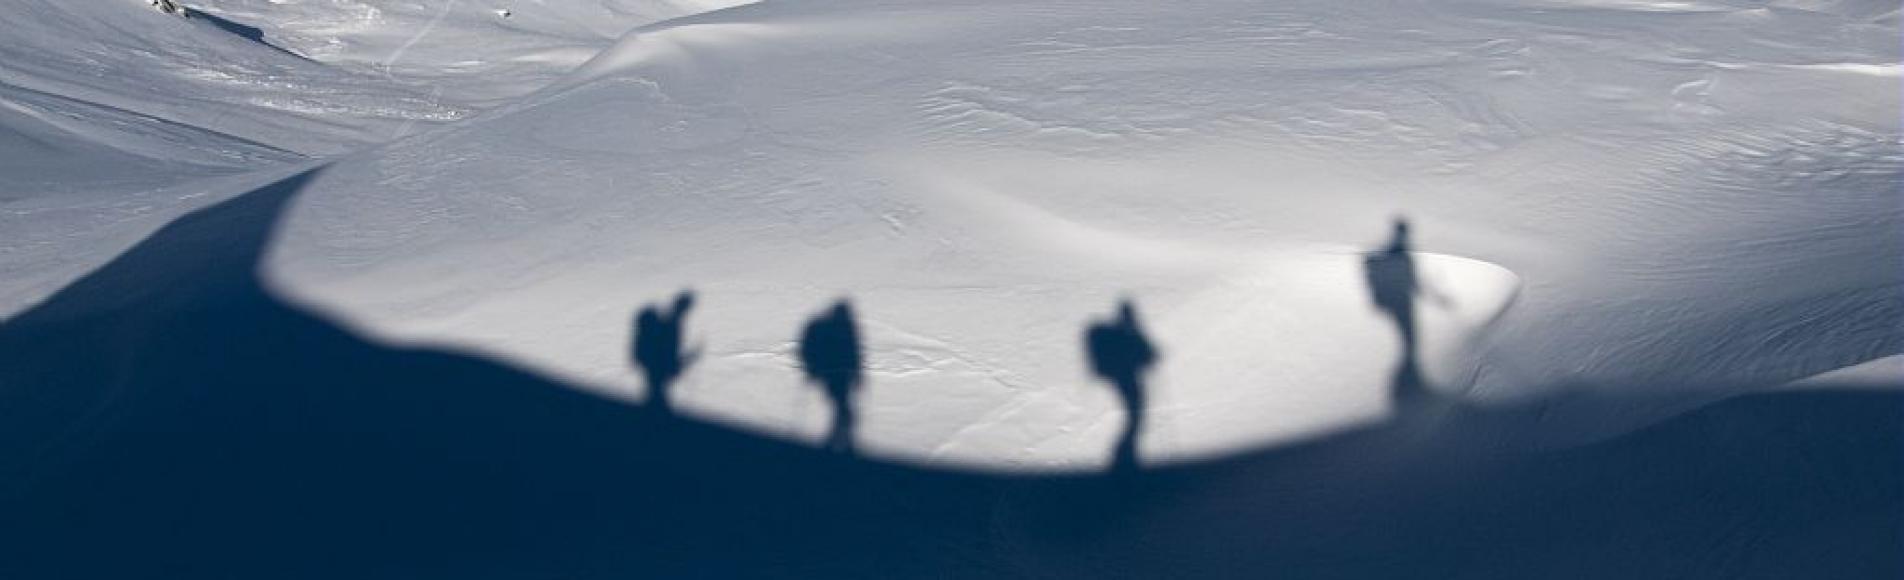 Skieurs de randonnée en ombre portée dans le vallon de la Pousterle ©Mireille Coulon - Parc national des Ecrins